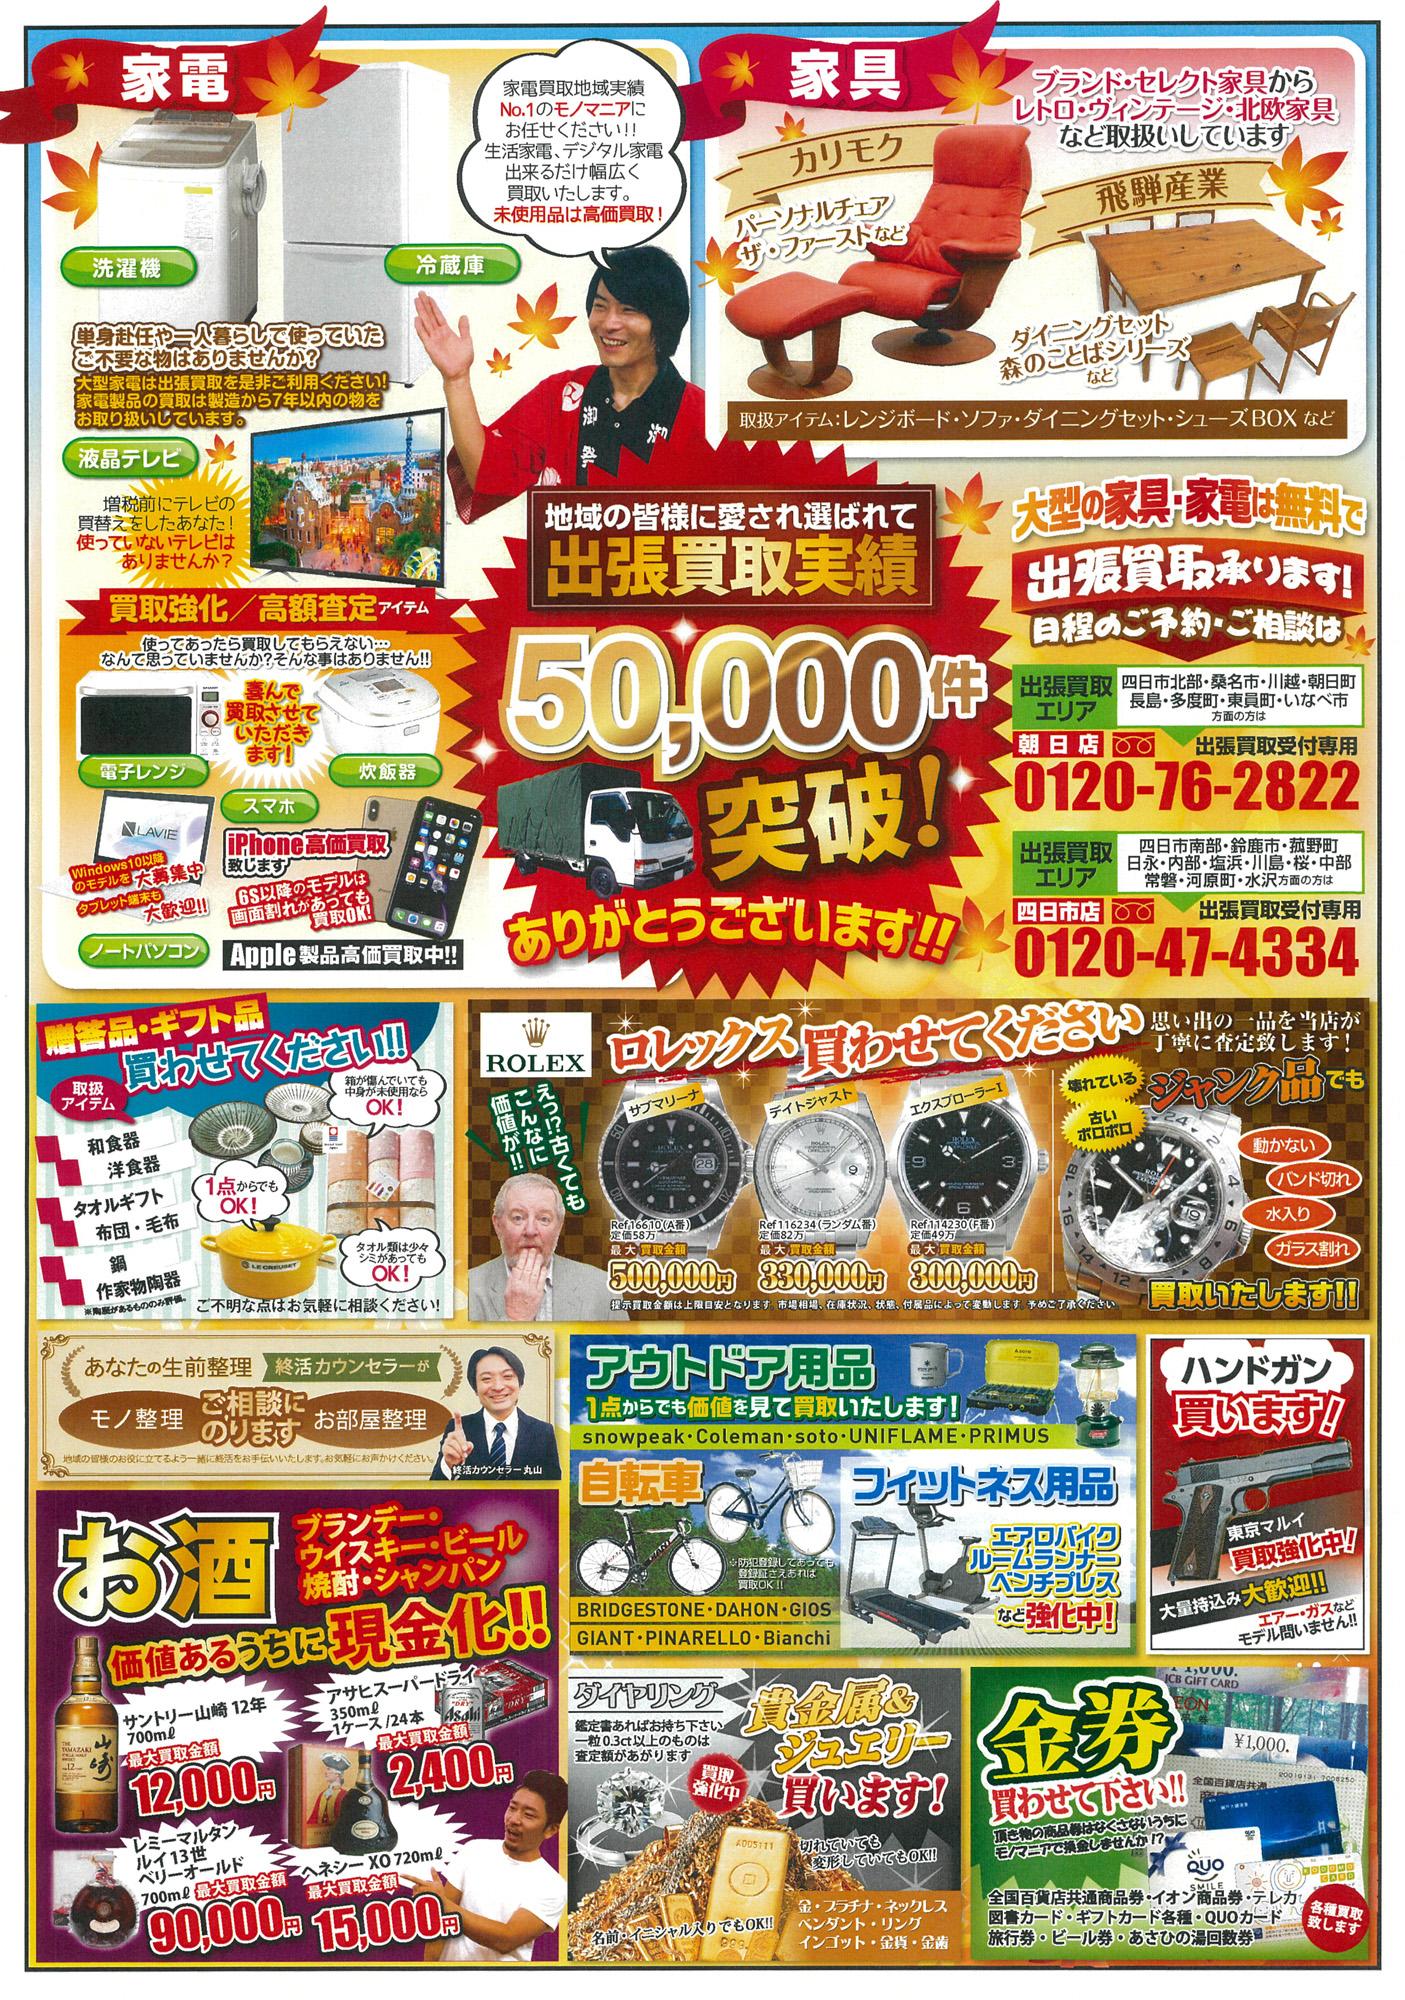 【モノマニア】秋の大買取祭2019 チラシ